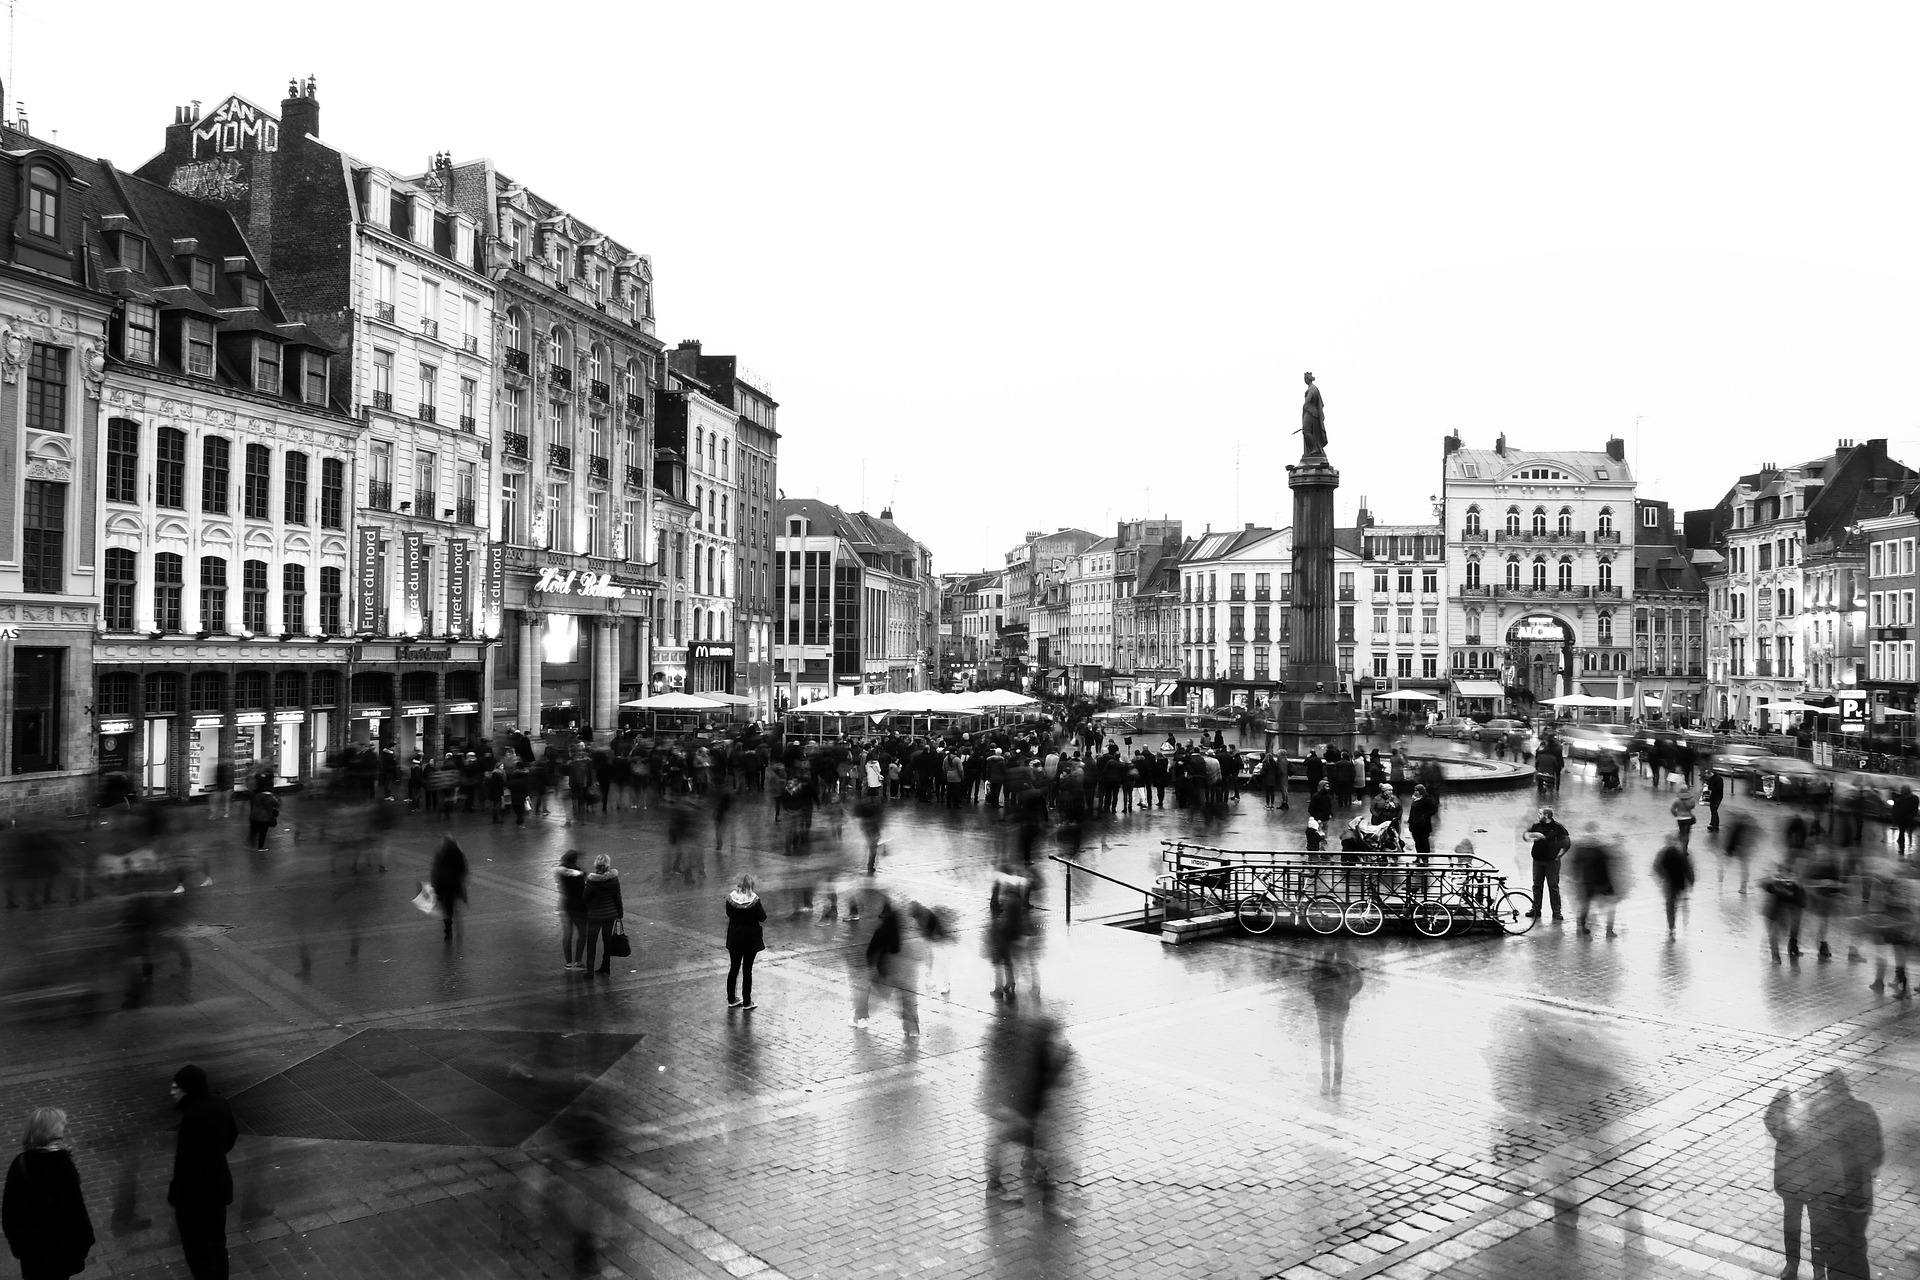 Jobs in Lille - place noir et blanc